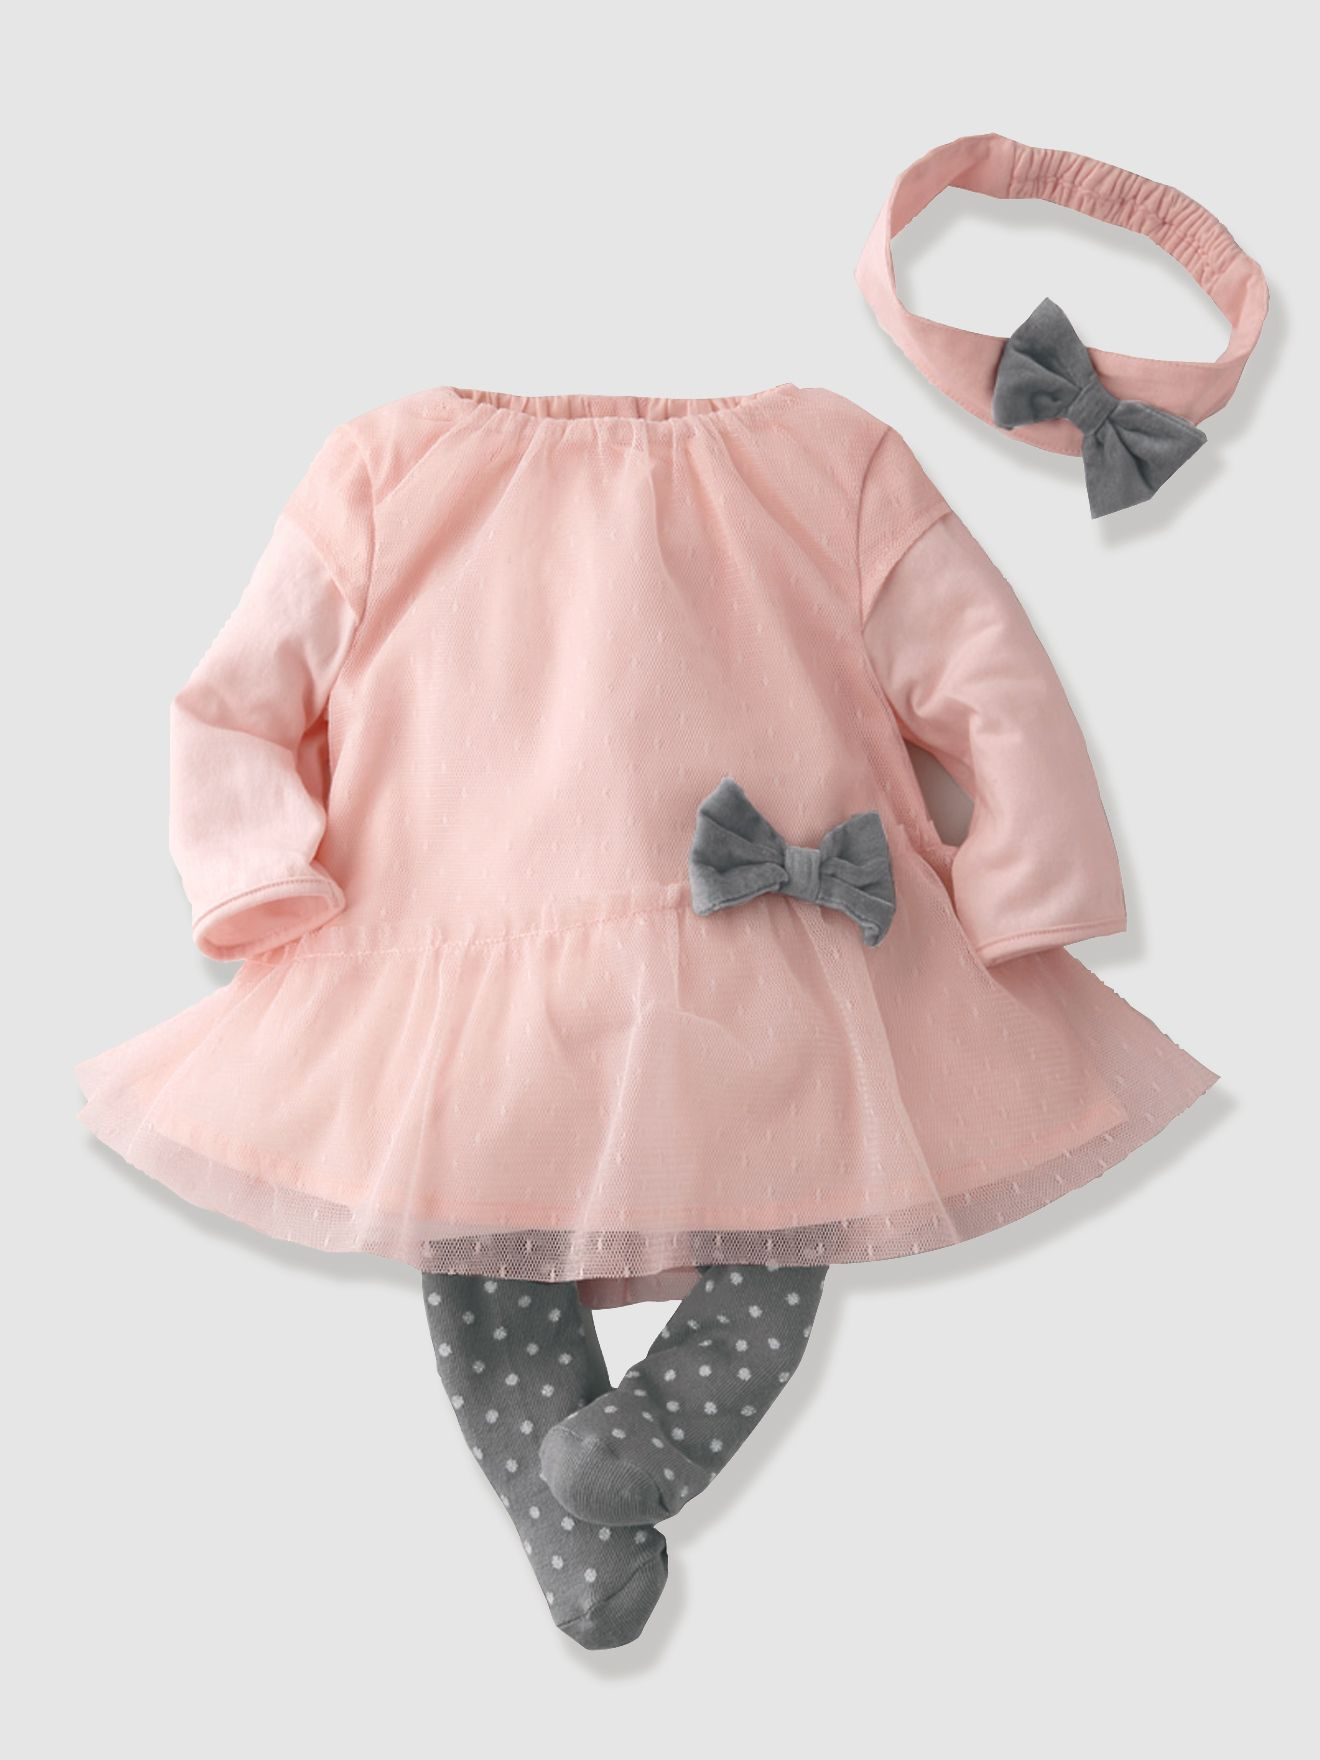 7b30c142c Conjunto adorable 3 prendas para las bebés más coquetas